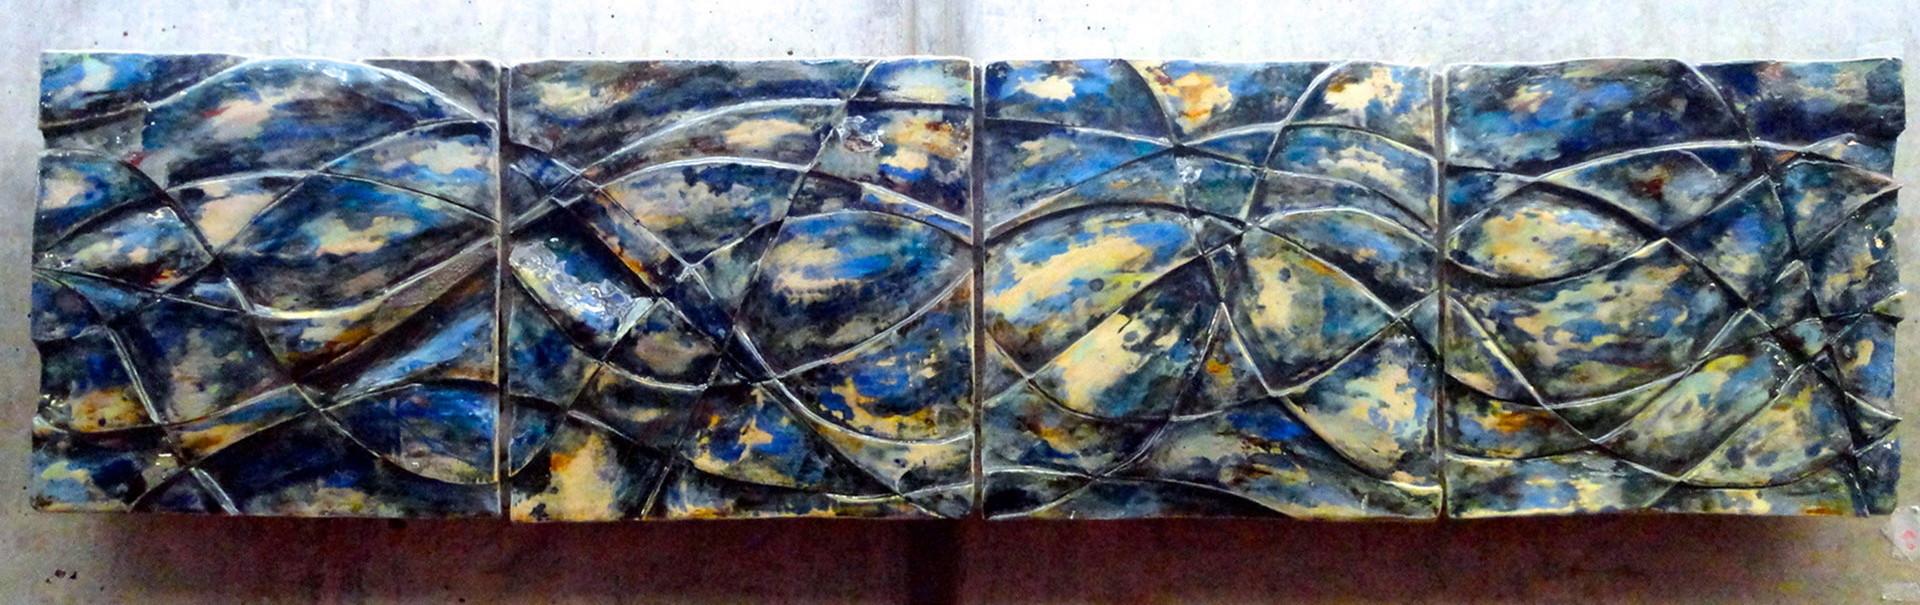 Full ceramic relief piece